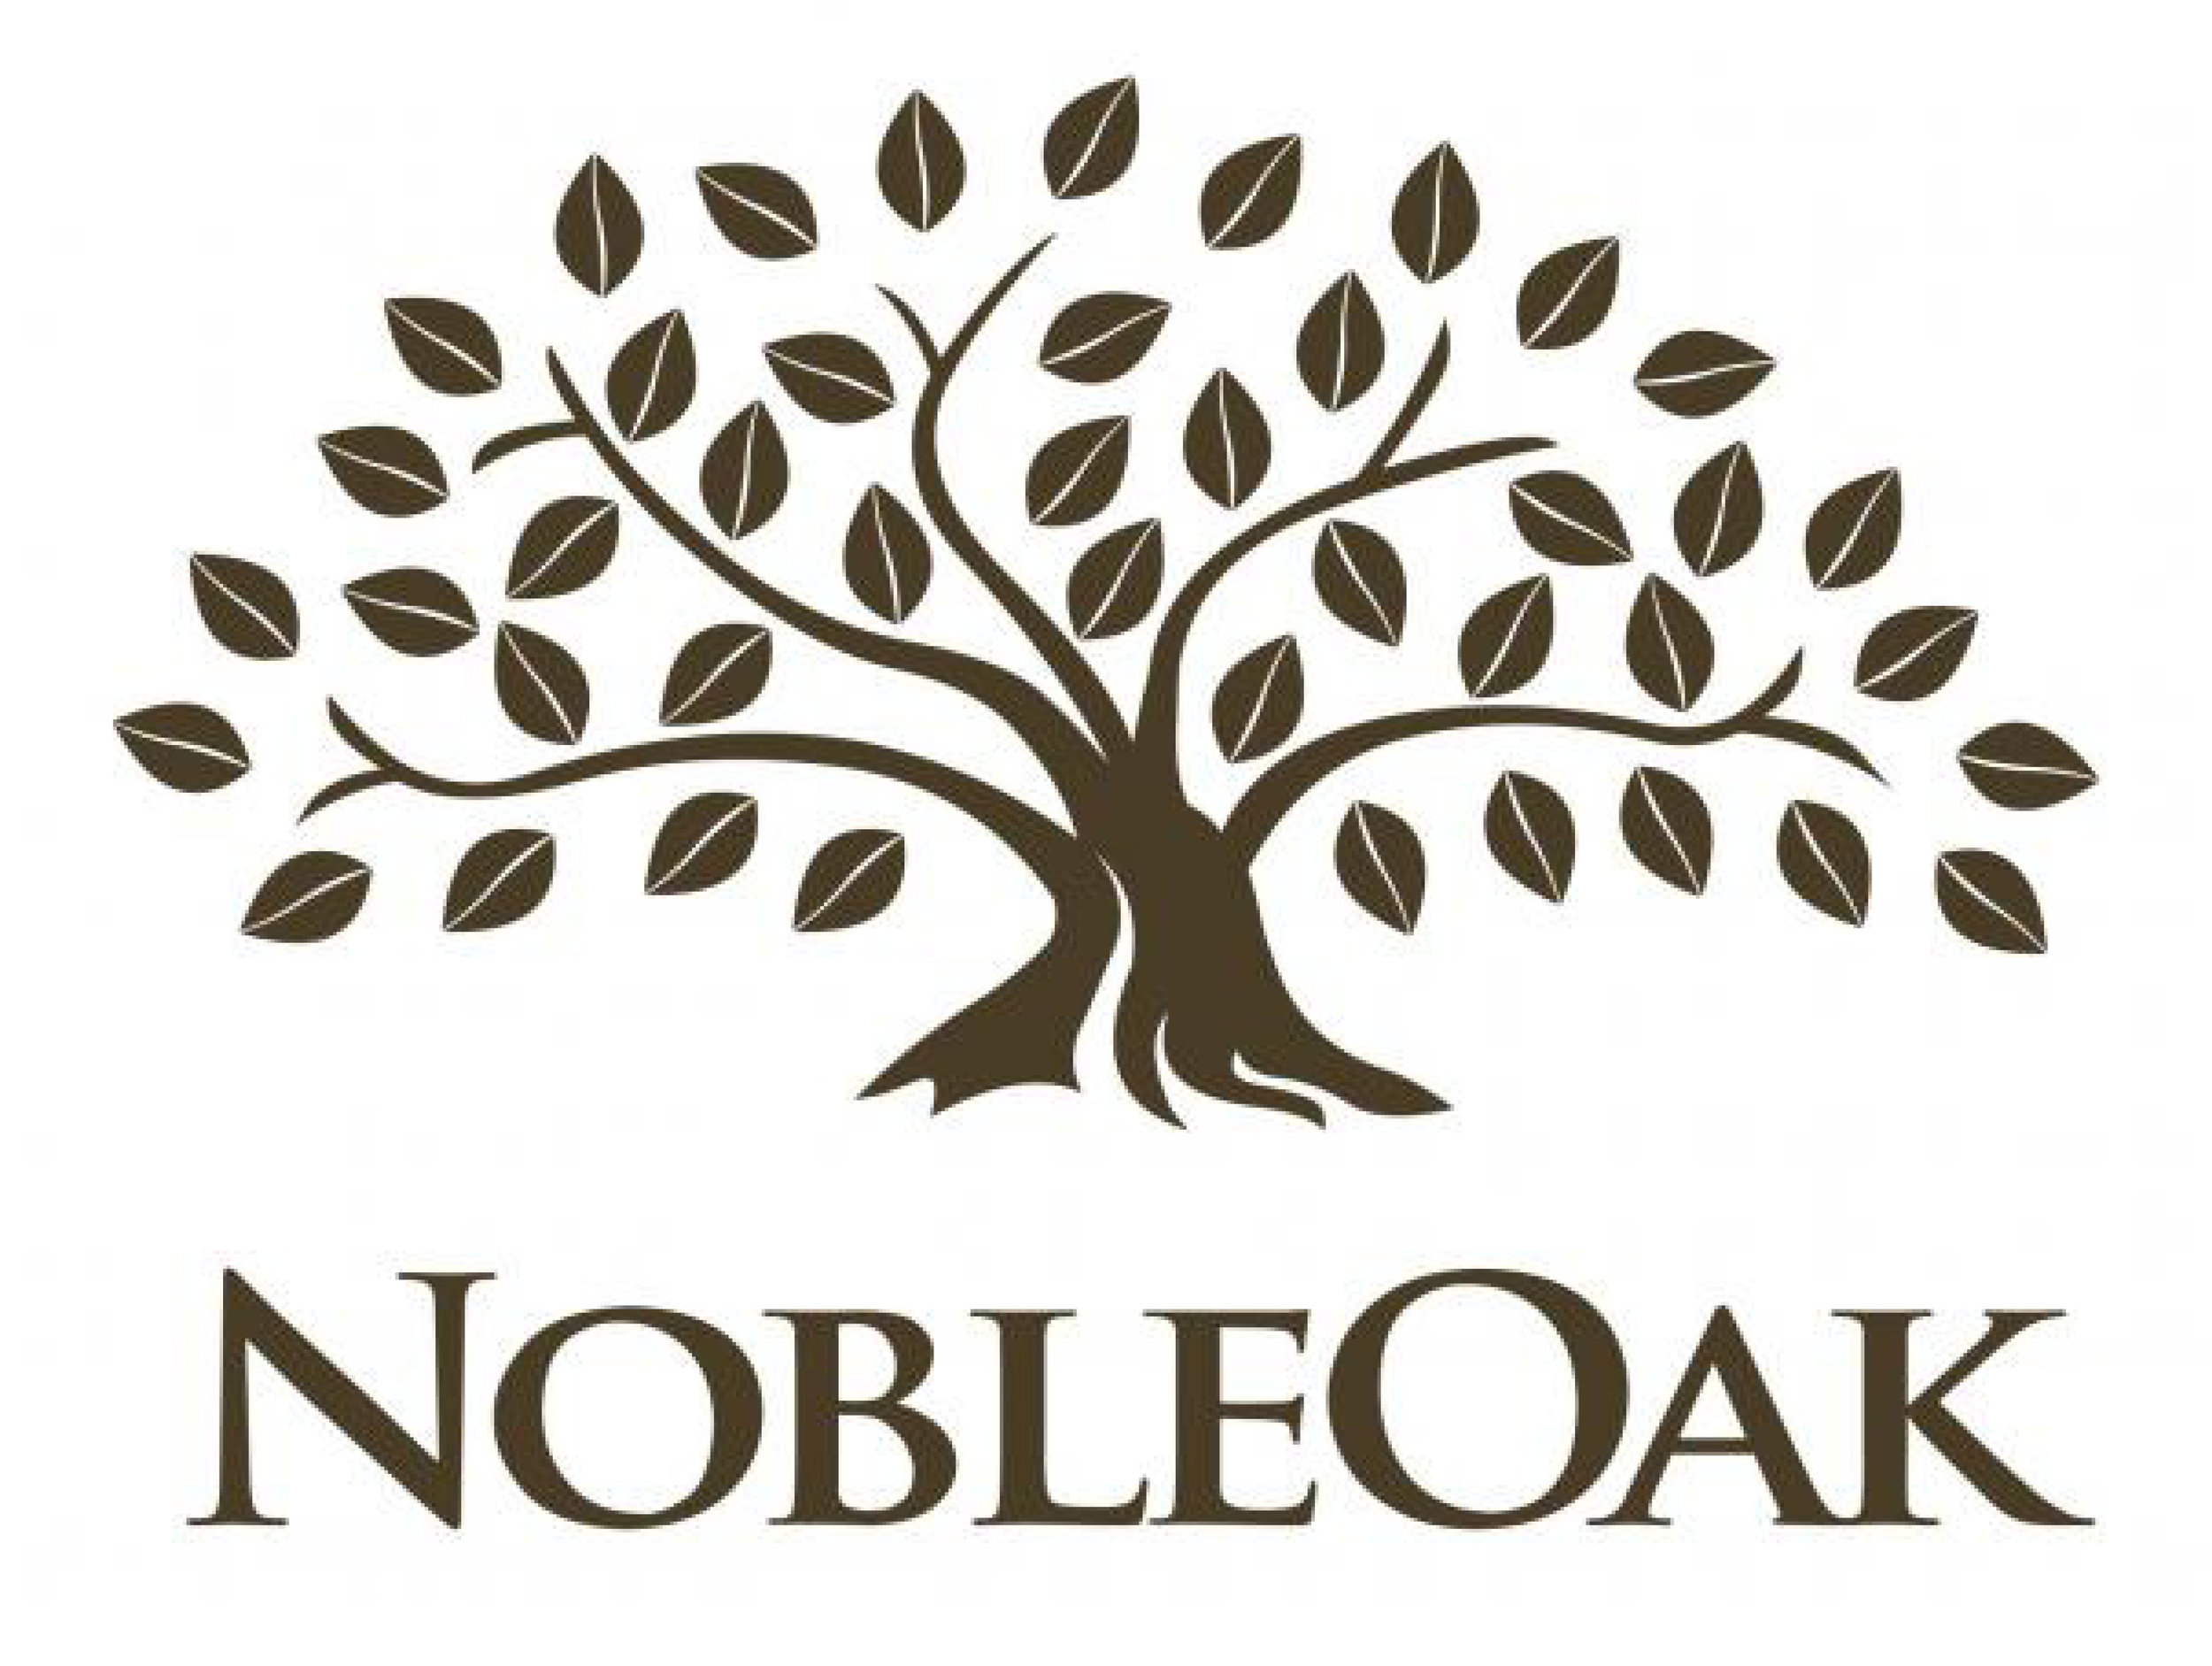 Nobleoak logo.jpg